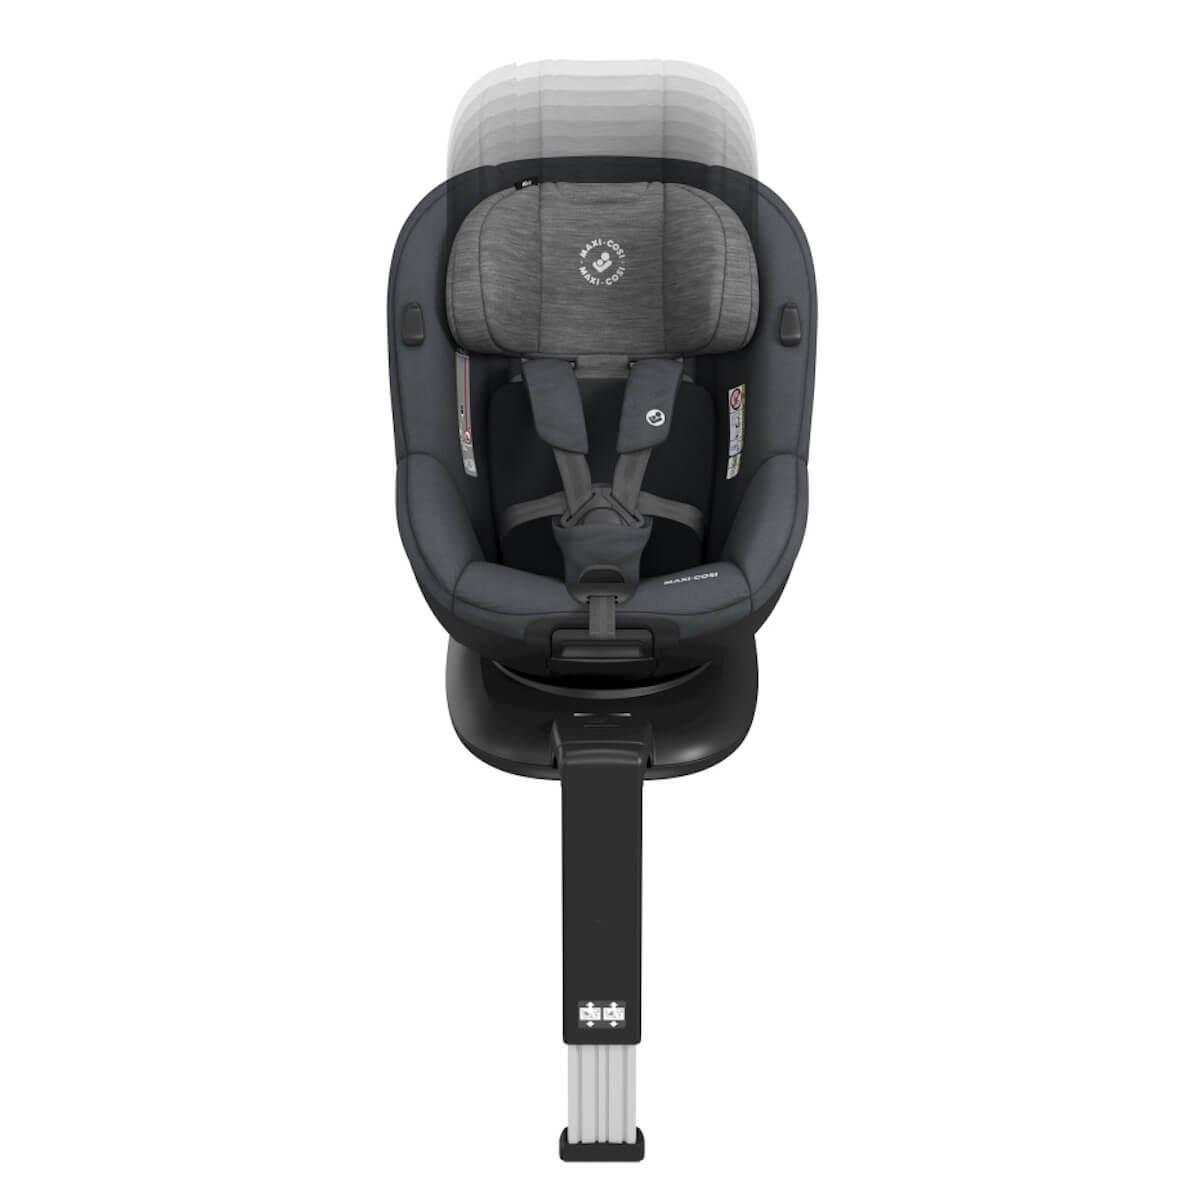 Siège auto gr0+/1 MICA Maxi-Cosi Authentic Graphite